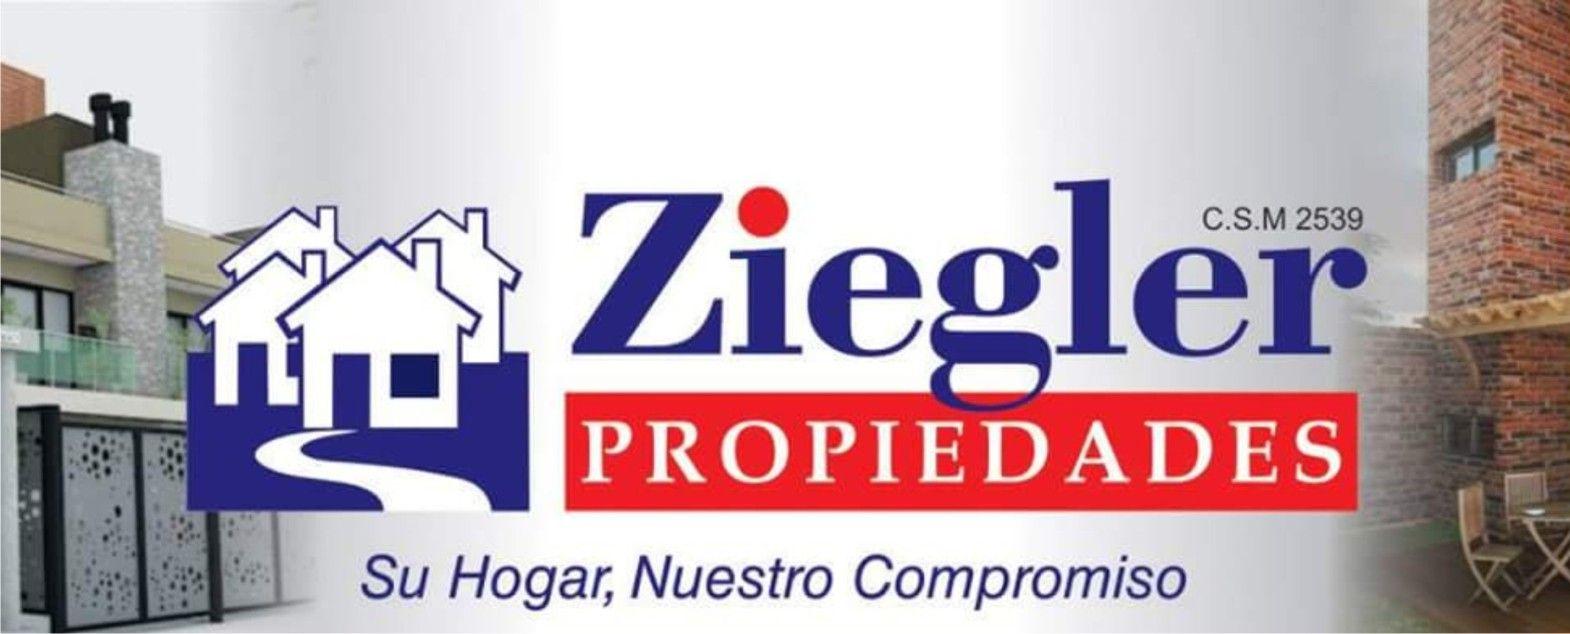 Logo de  Ayelen  Ziegler